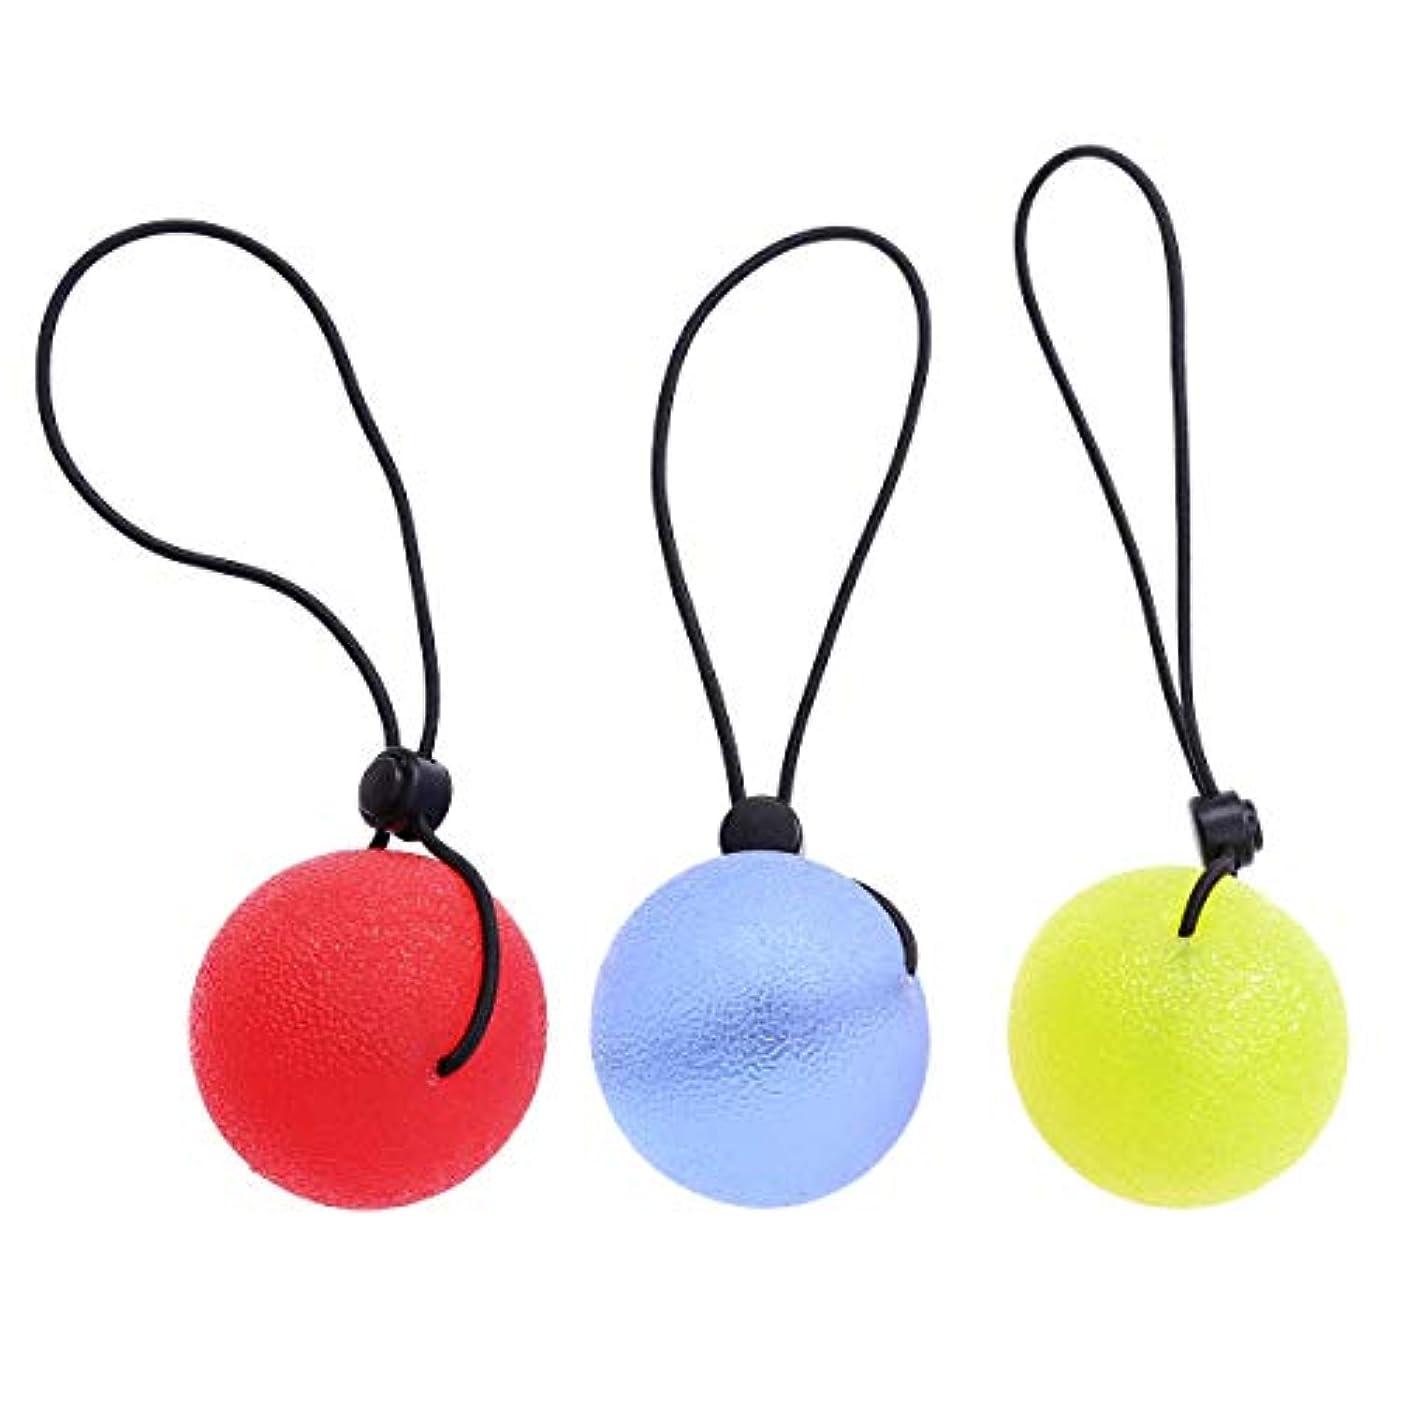 忙しい避難イースターHEALIFTY ストレスリリーフボール、3本の指グリップボールセラピーエクササイズスクイズ卵ストレスボールストリングフィットネス機器(ランダムカラー)